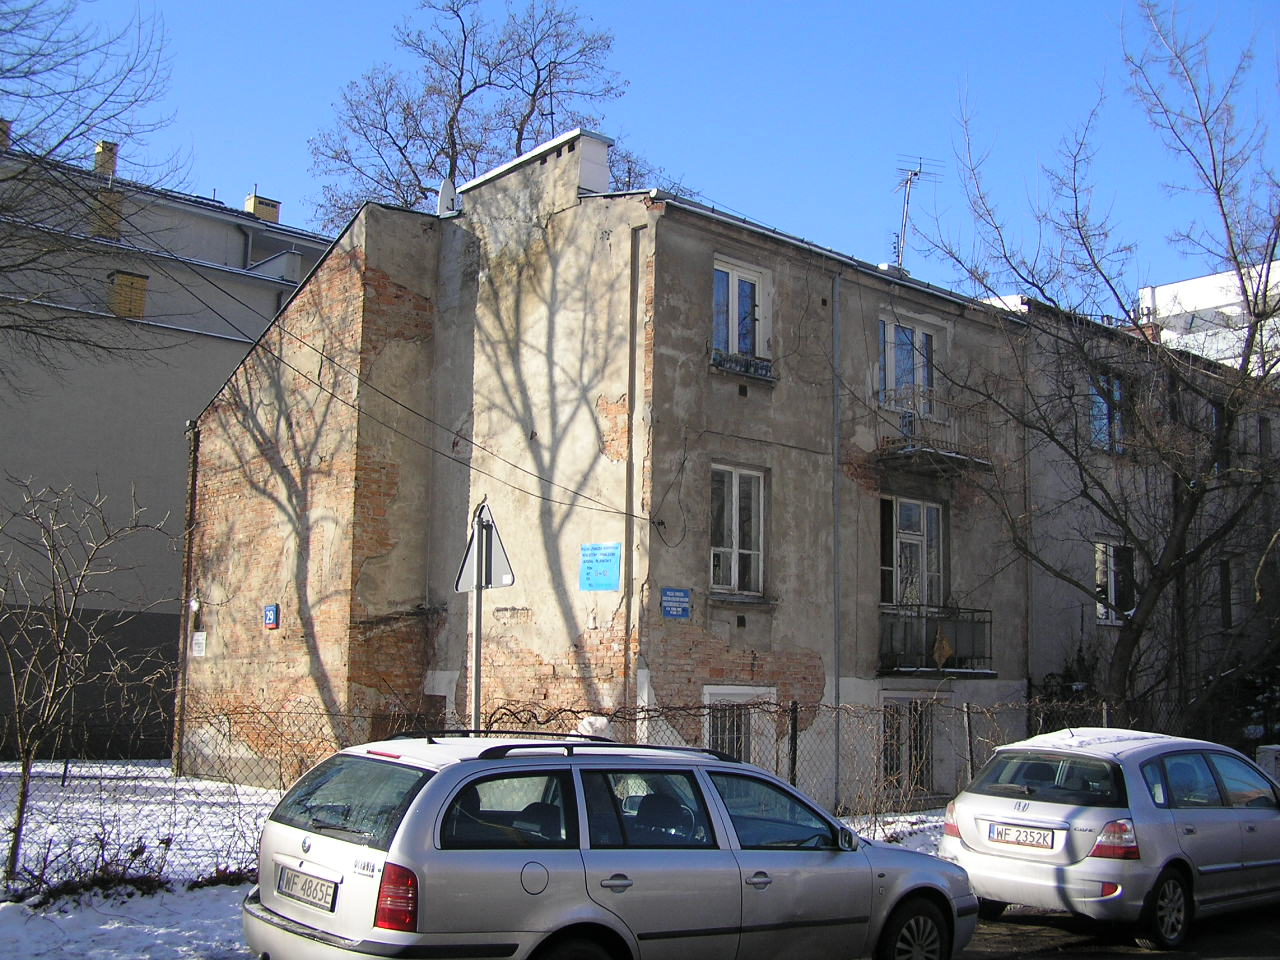 Kamienica przy ulicy Korytnickiej 29 na Grochowie